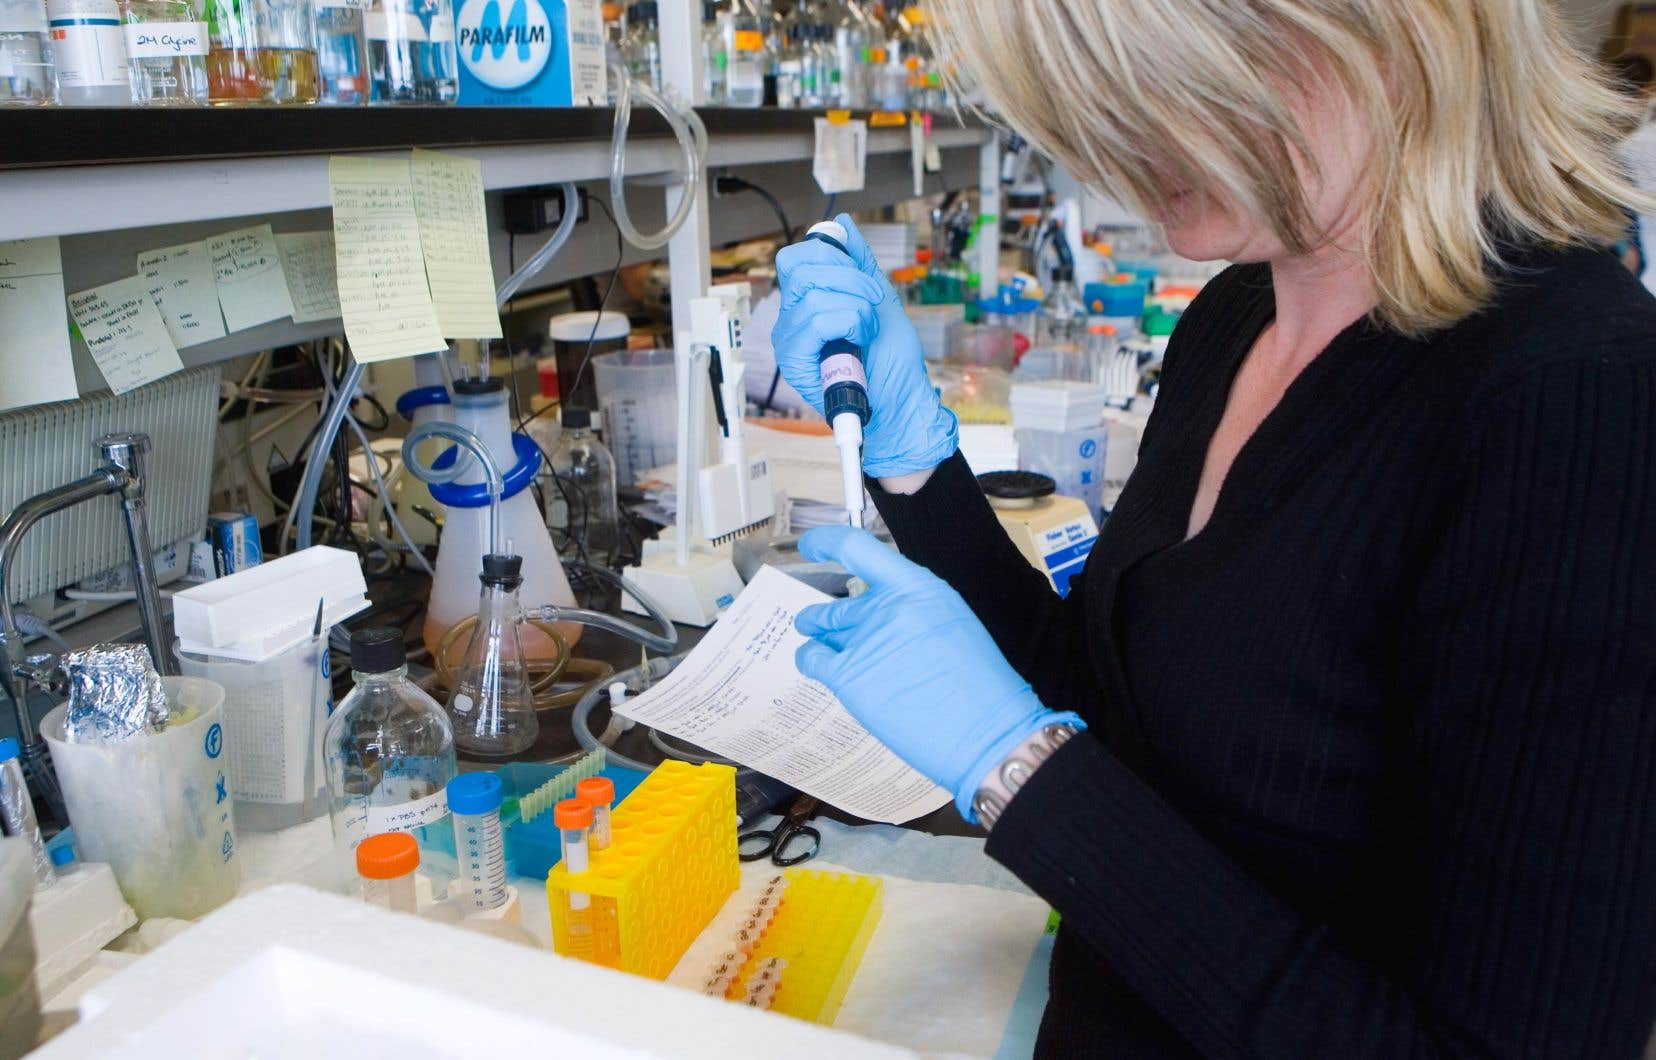 Les investissements en recherche scientifique ne sont pas simplement importants pour les scientifiques, ils ont surtout une incidence sur la vie quotidienne de nous tous.